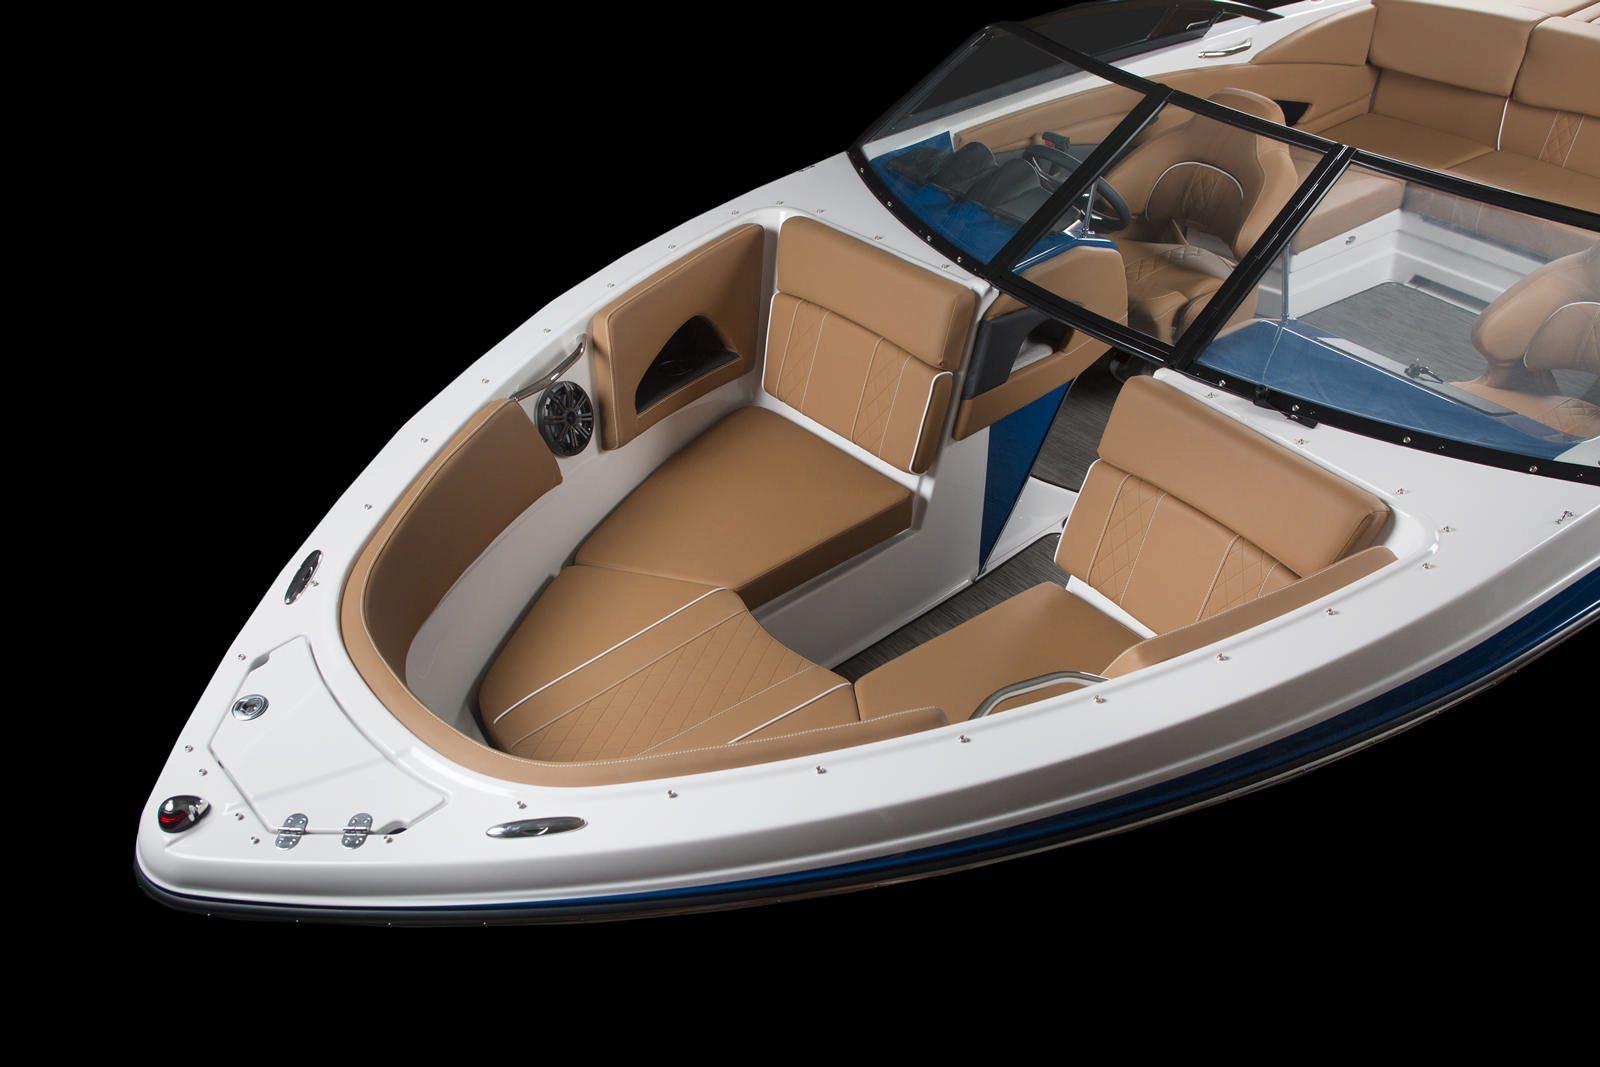 סירת ספורט Glastron 225 - סירת ספורט Glastron 225 - סטרים יאכטות